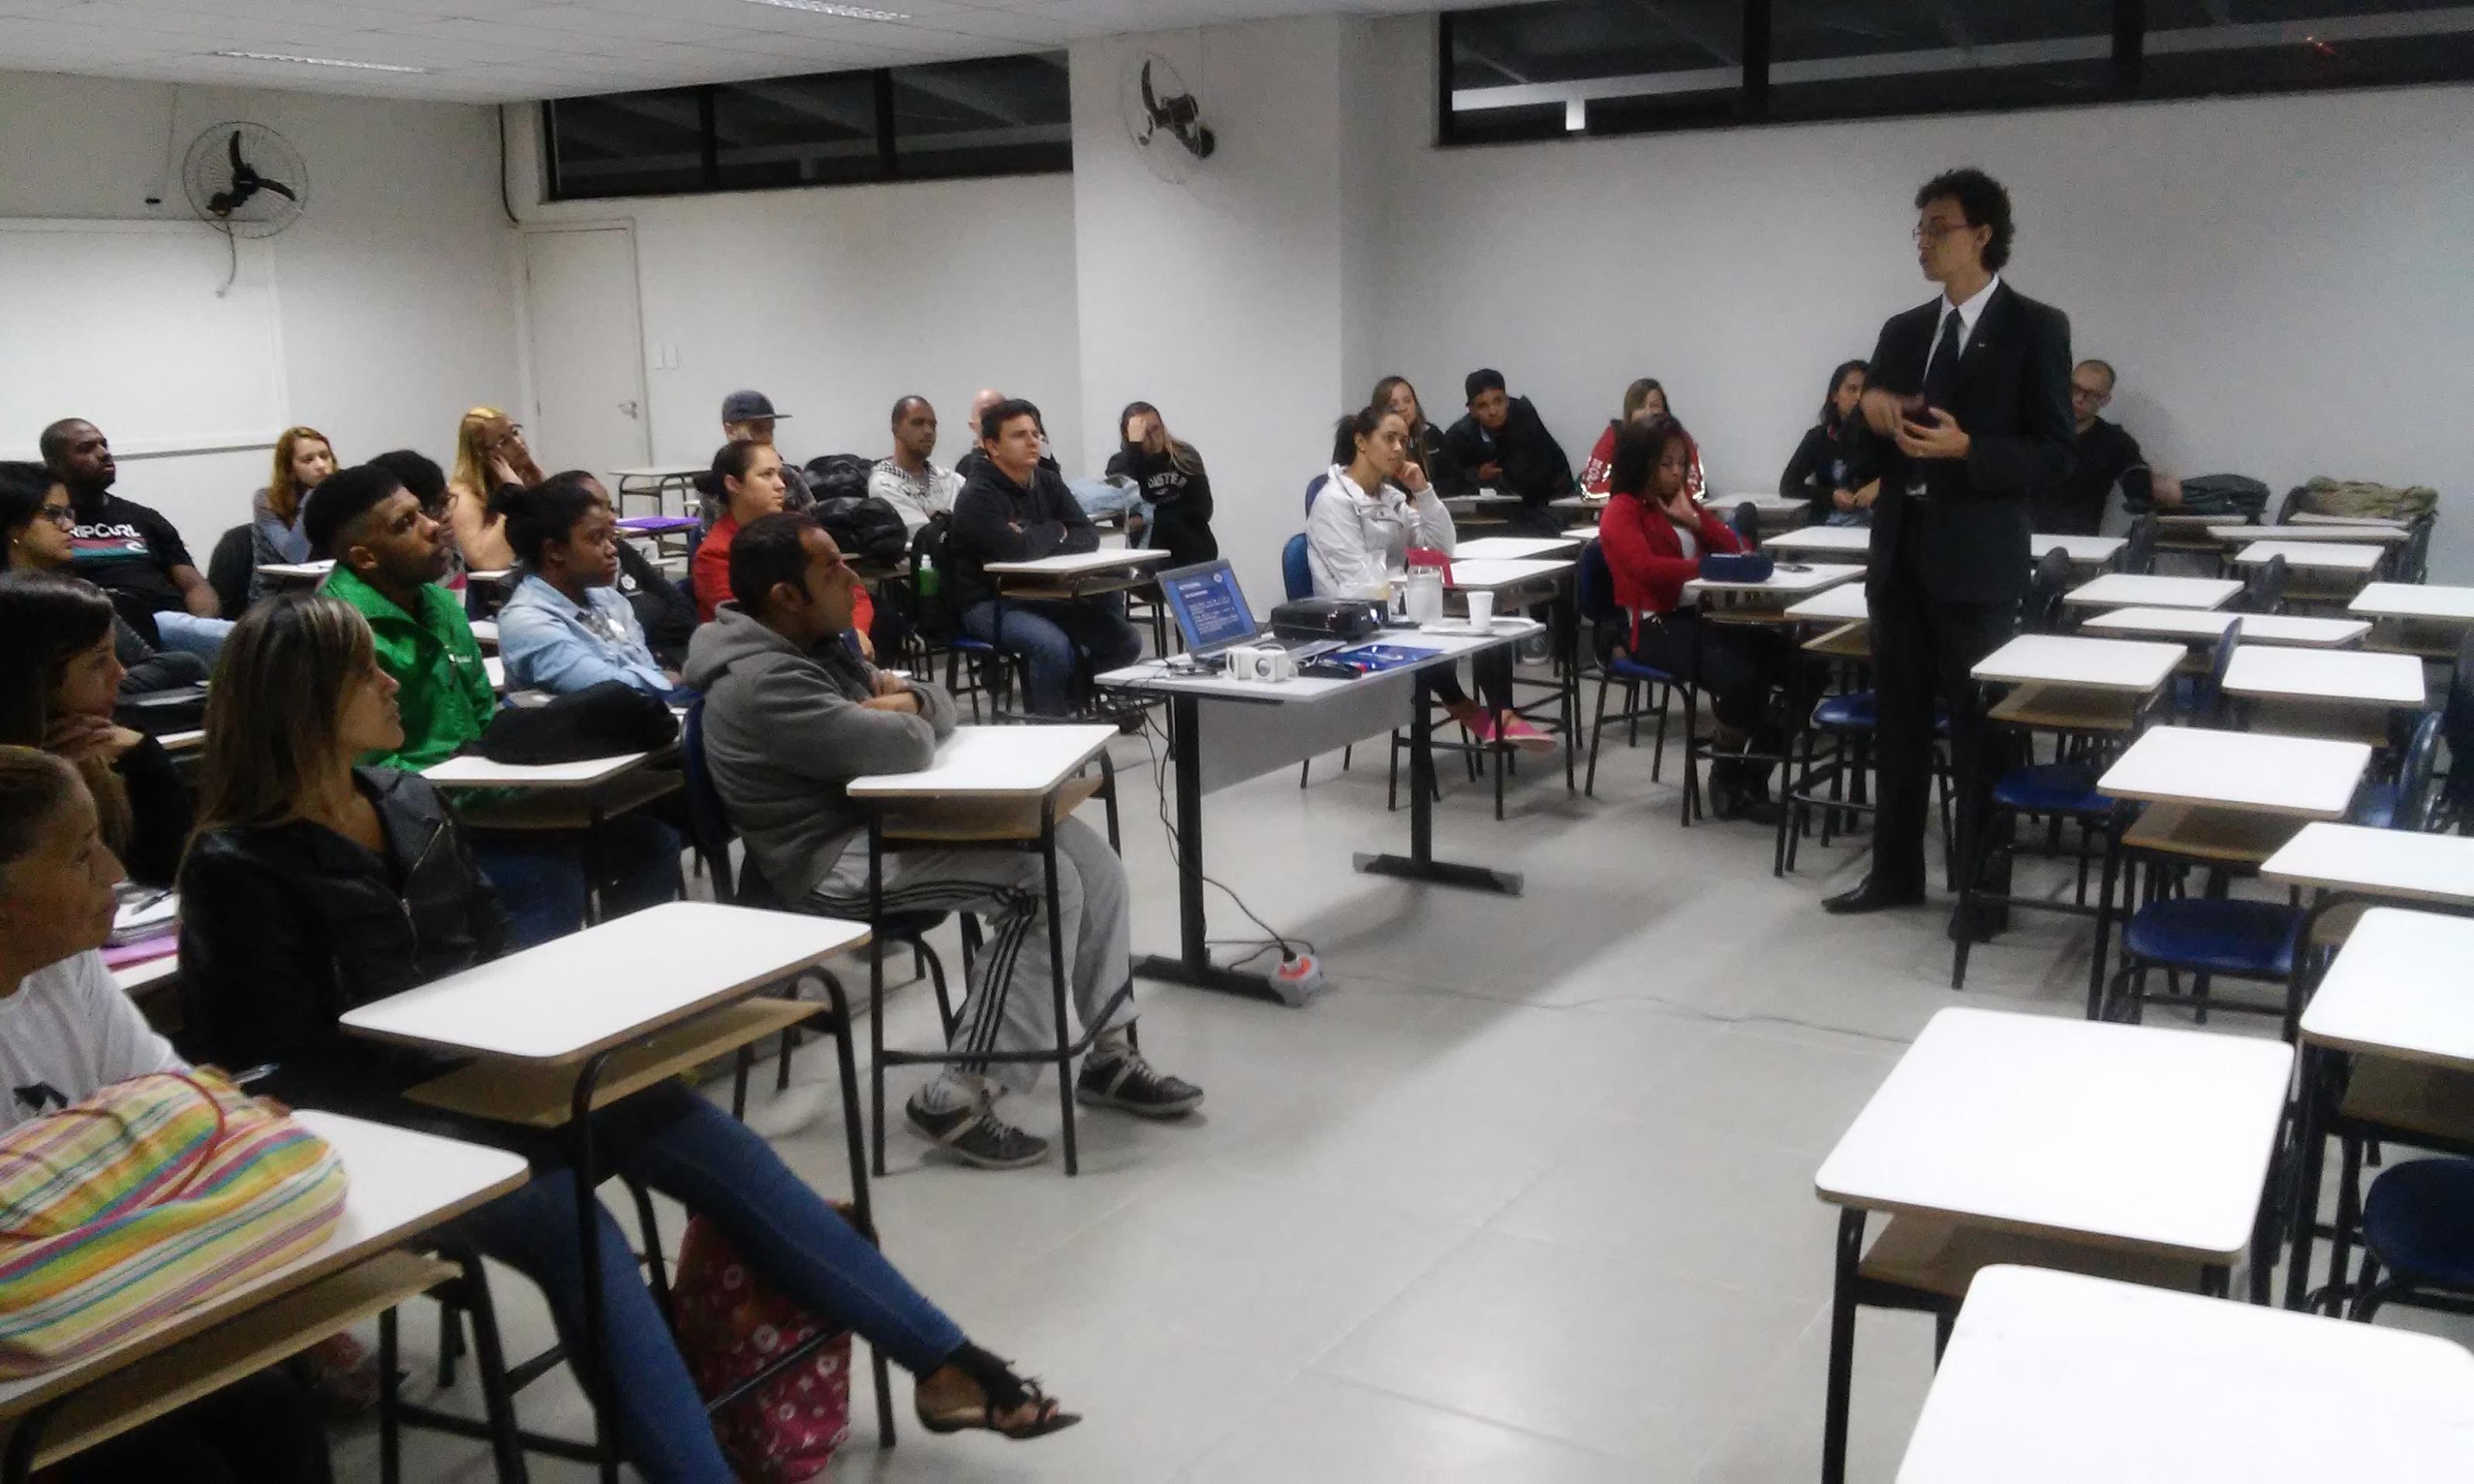 Representante do Conselho Regional de Administração de Minas Gerais palestra para alunos de Juiz de Fora